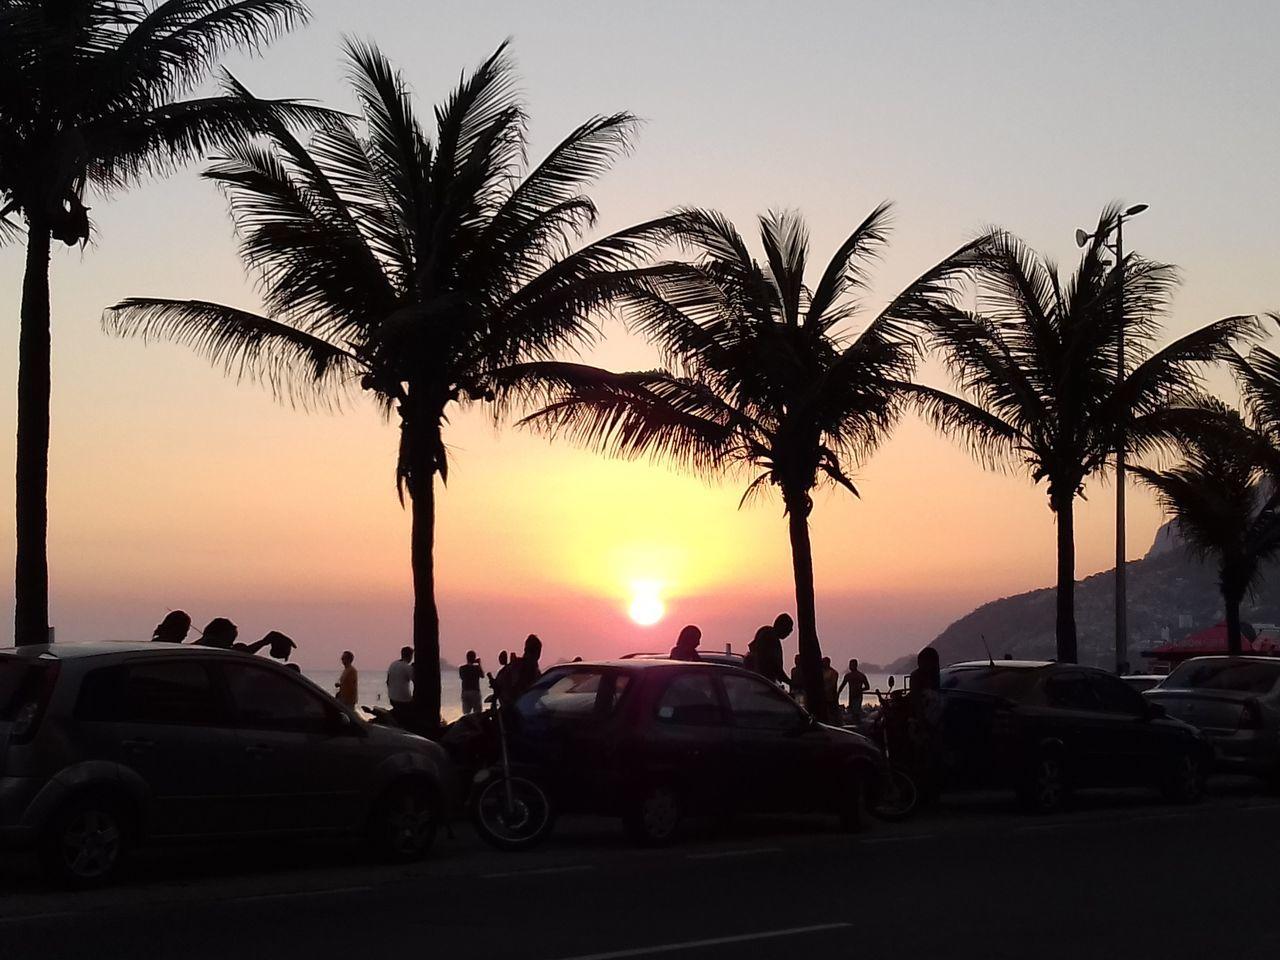 Rio De Janeiro Rio Rio De Janeiro Eyeem Fotos Collection⛵ Rio De Janeiro, Brazil Ipanema Beach Ipanemabeach Ipanema Ipanema RJ Brasil Ipanema's Beach Ipanema Beach Sunset